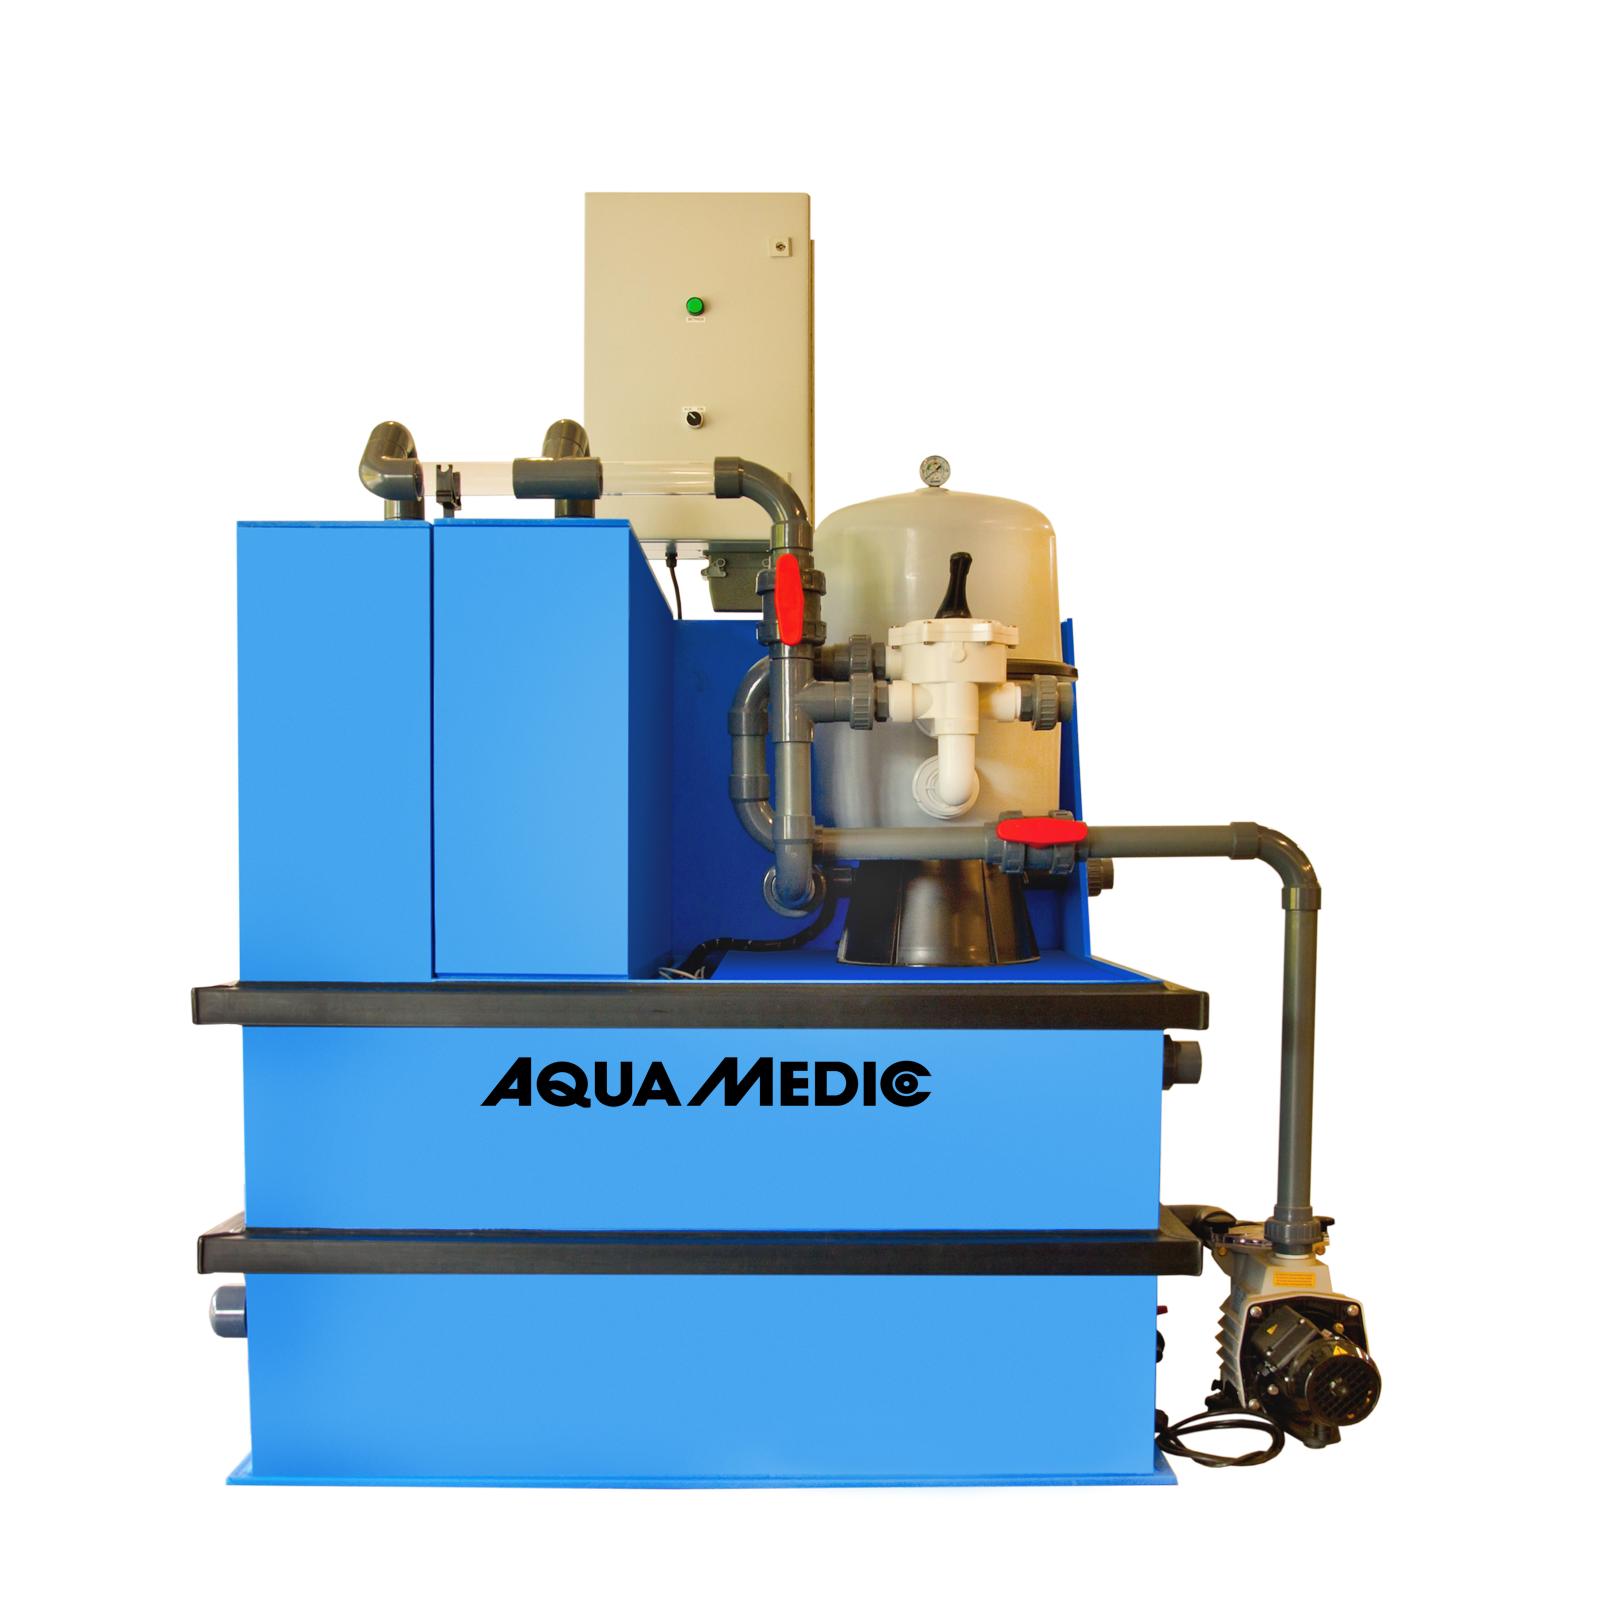 AQUA MEDIC Systemfilter 1 station de filtration pour aquarium d\'eau douce et d\'eau de mer jusqu\'à 20000 L